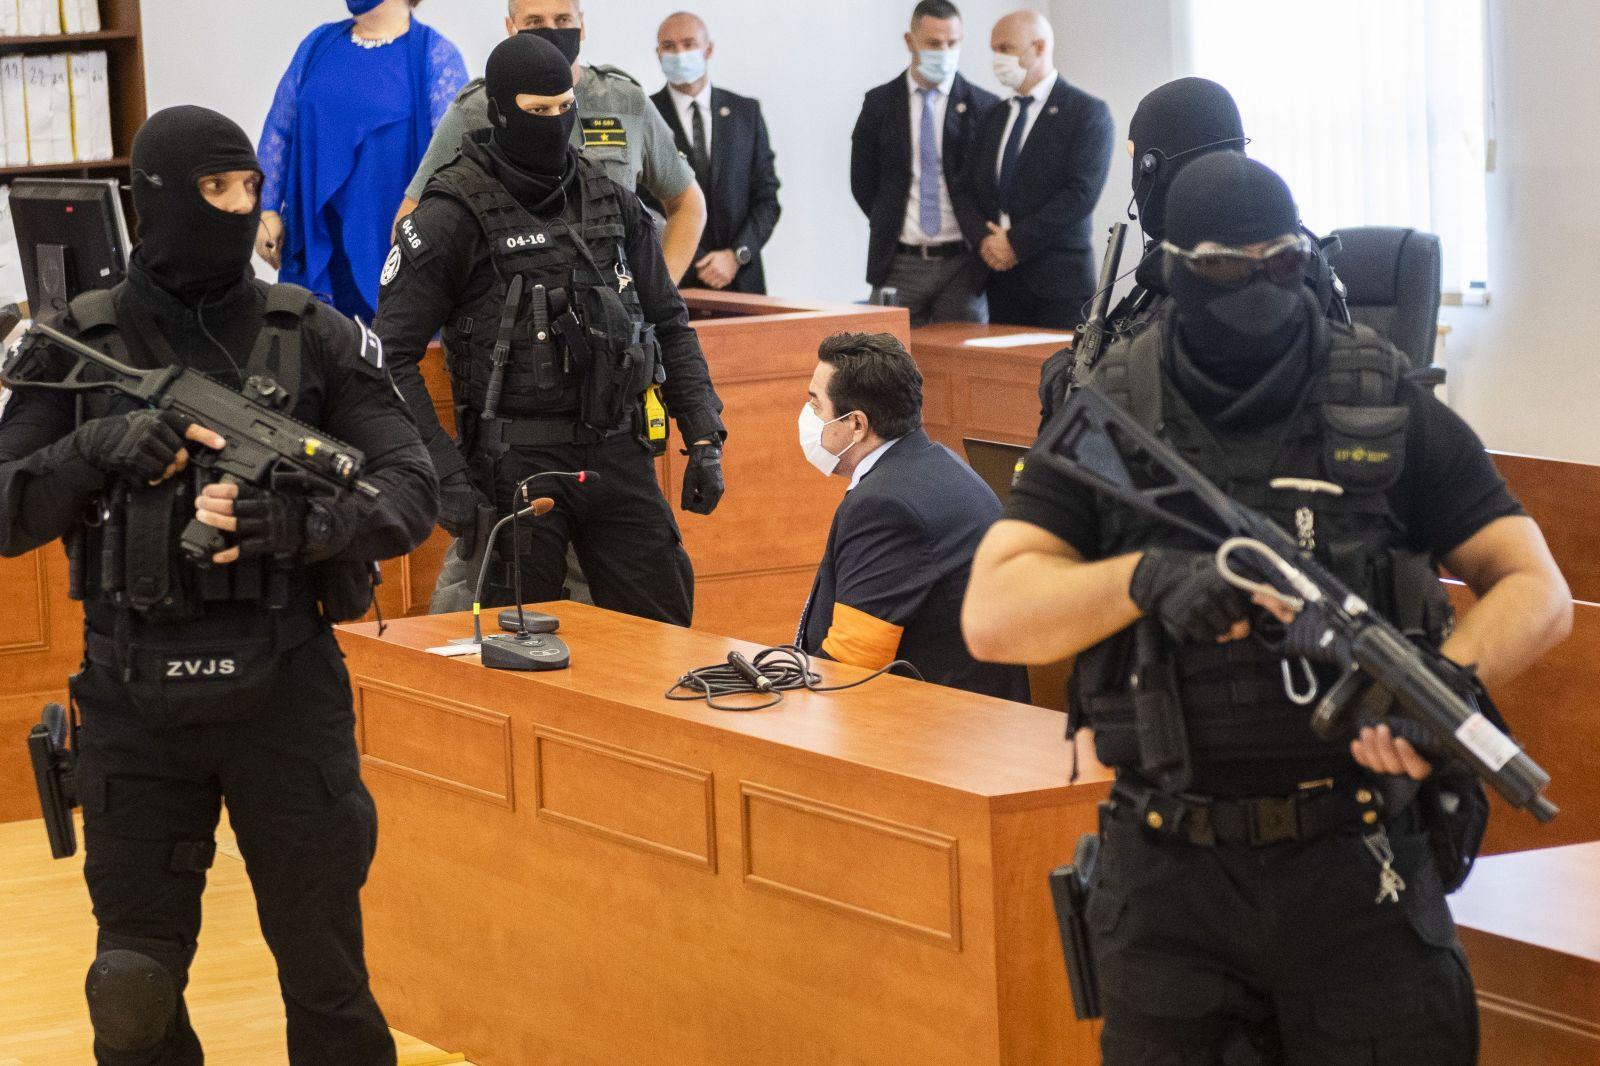 5 argumentov, ktoré podľa senátu dokazujú nevinu Kočnera a Zsuzsovej v prípade vraždy Kuciaka